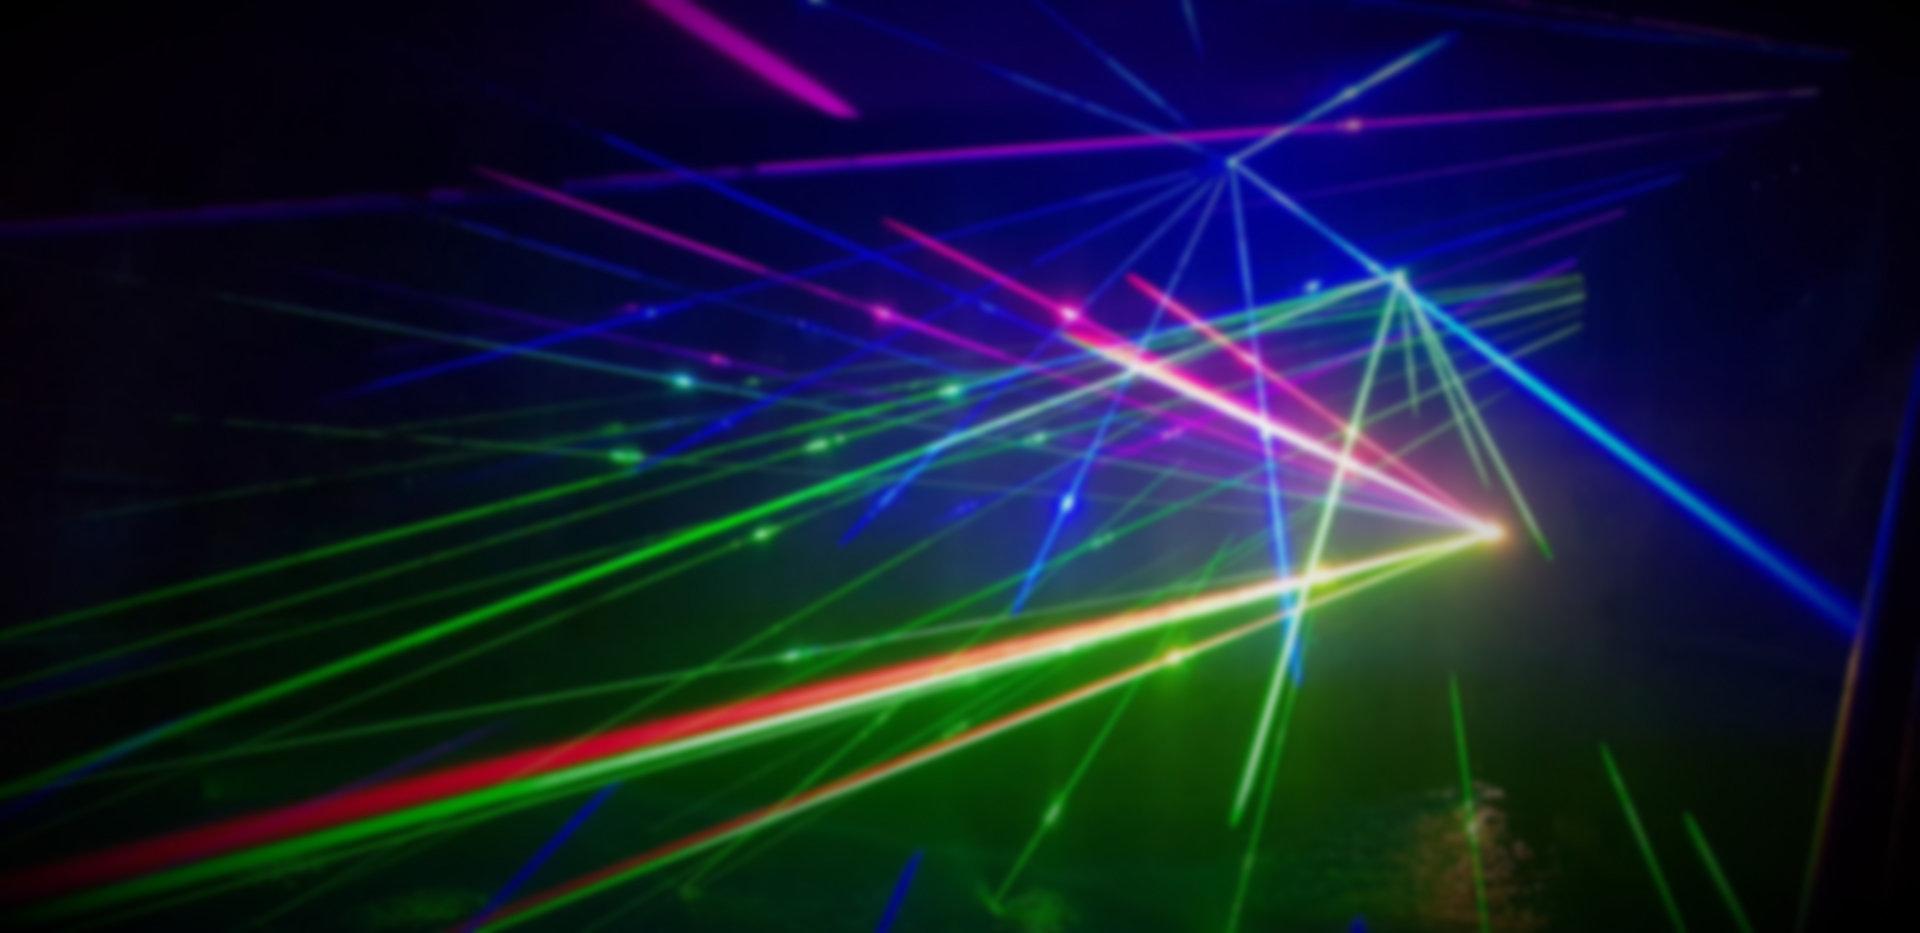 laser-show-Blur.jpg